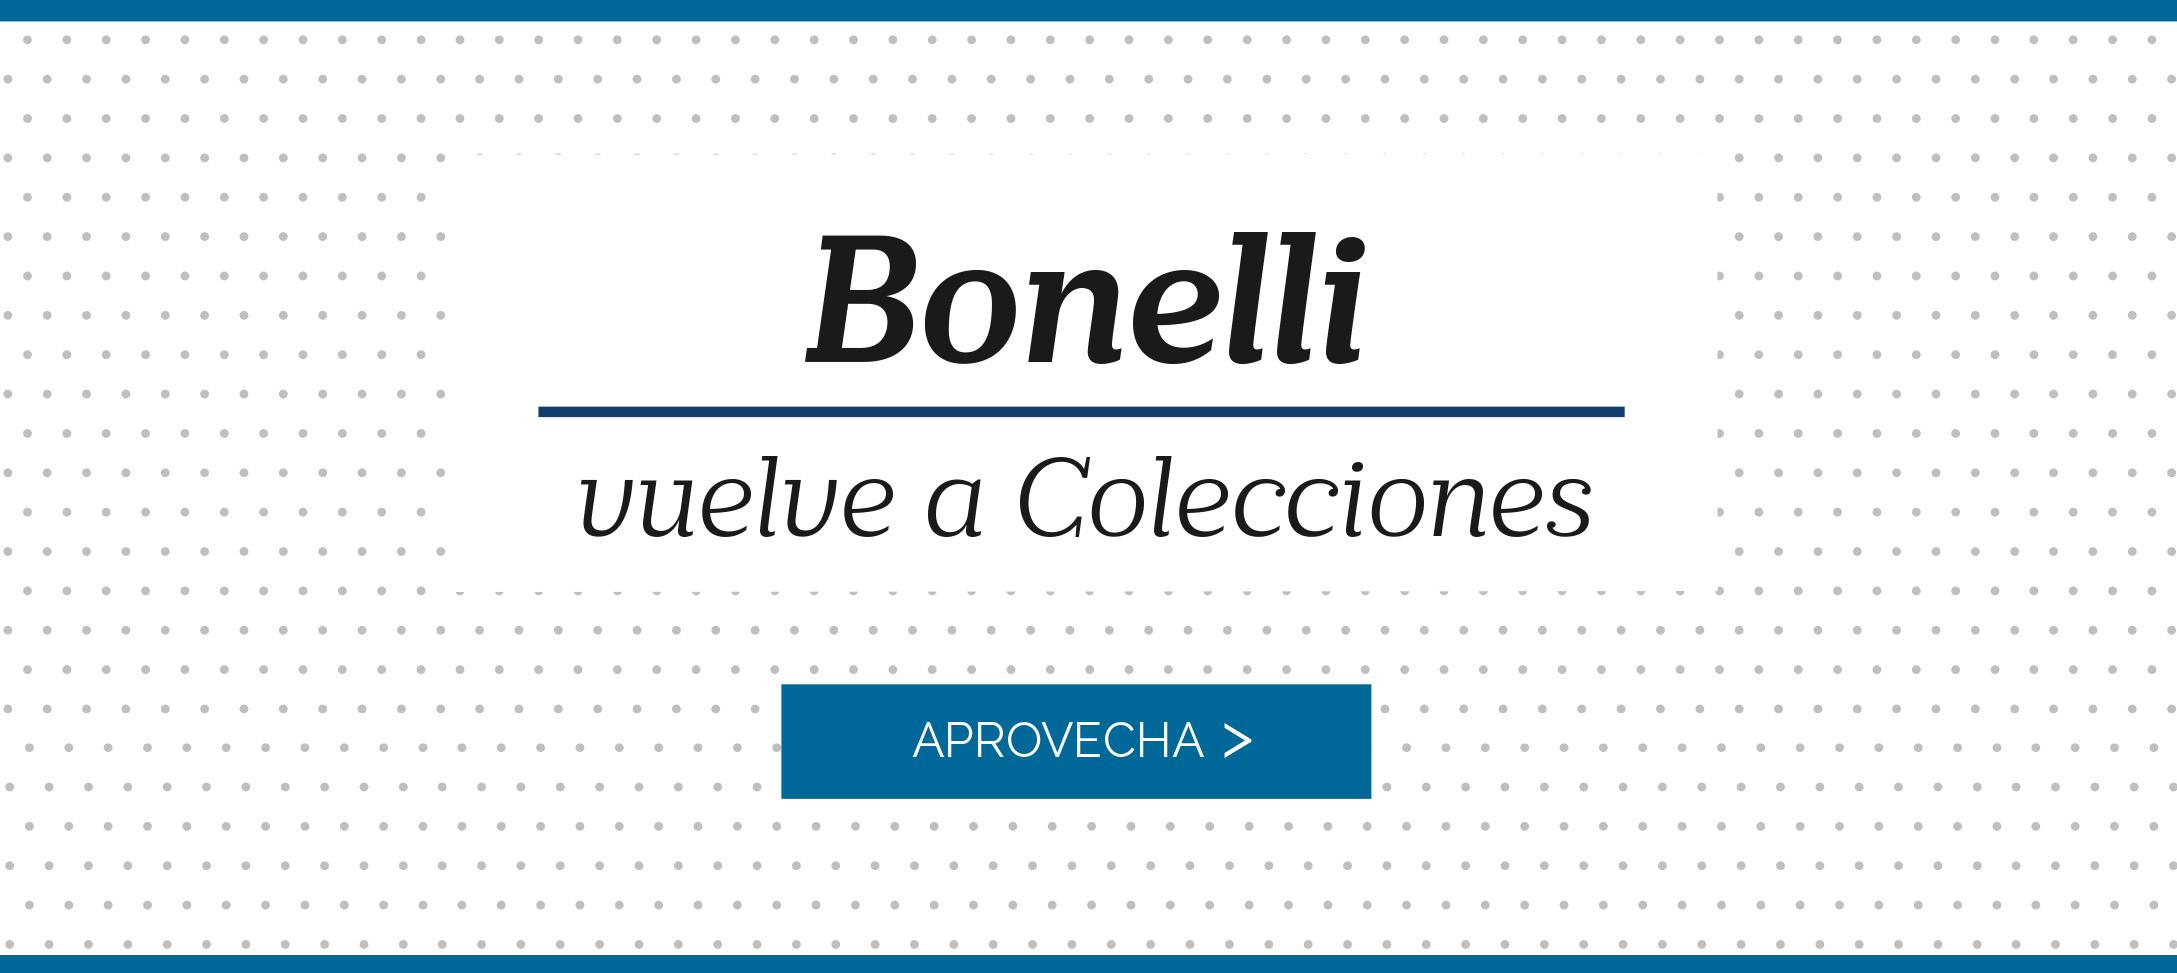 Bonelli vuelve a Colecciones